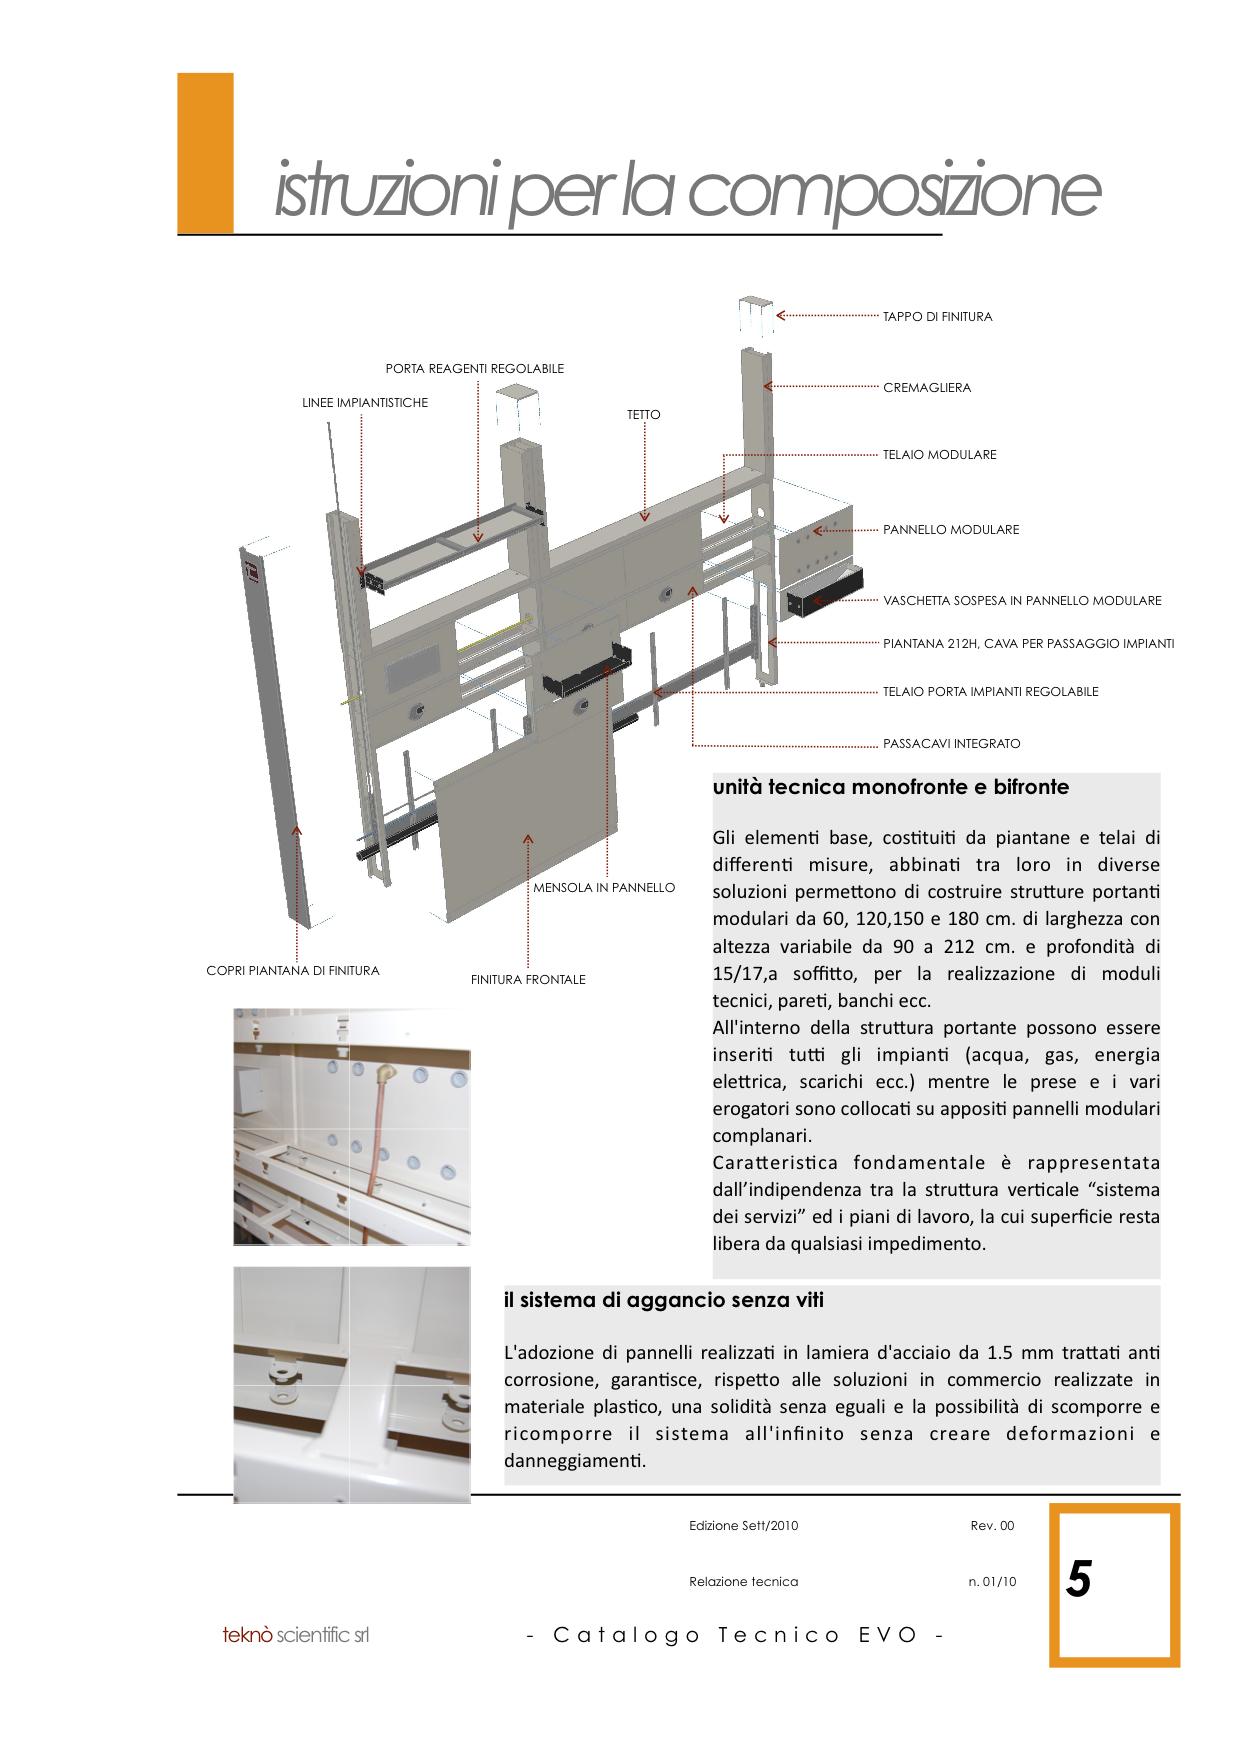 EVO Catalogo Tecnico Generale copia 5.png